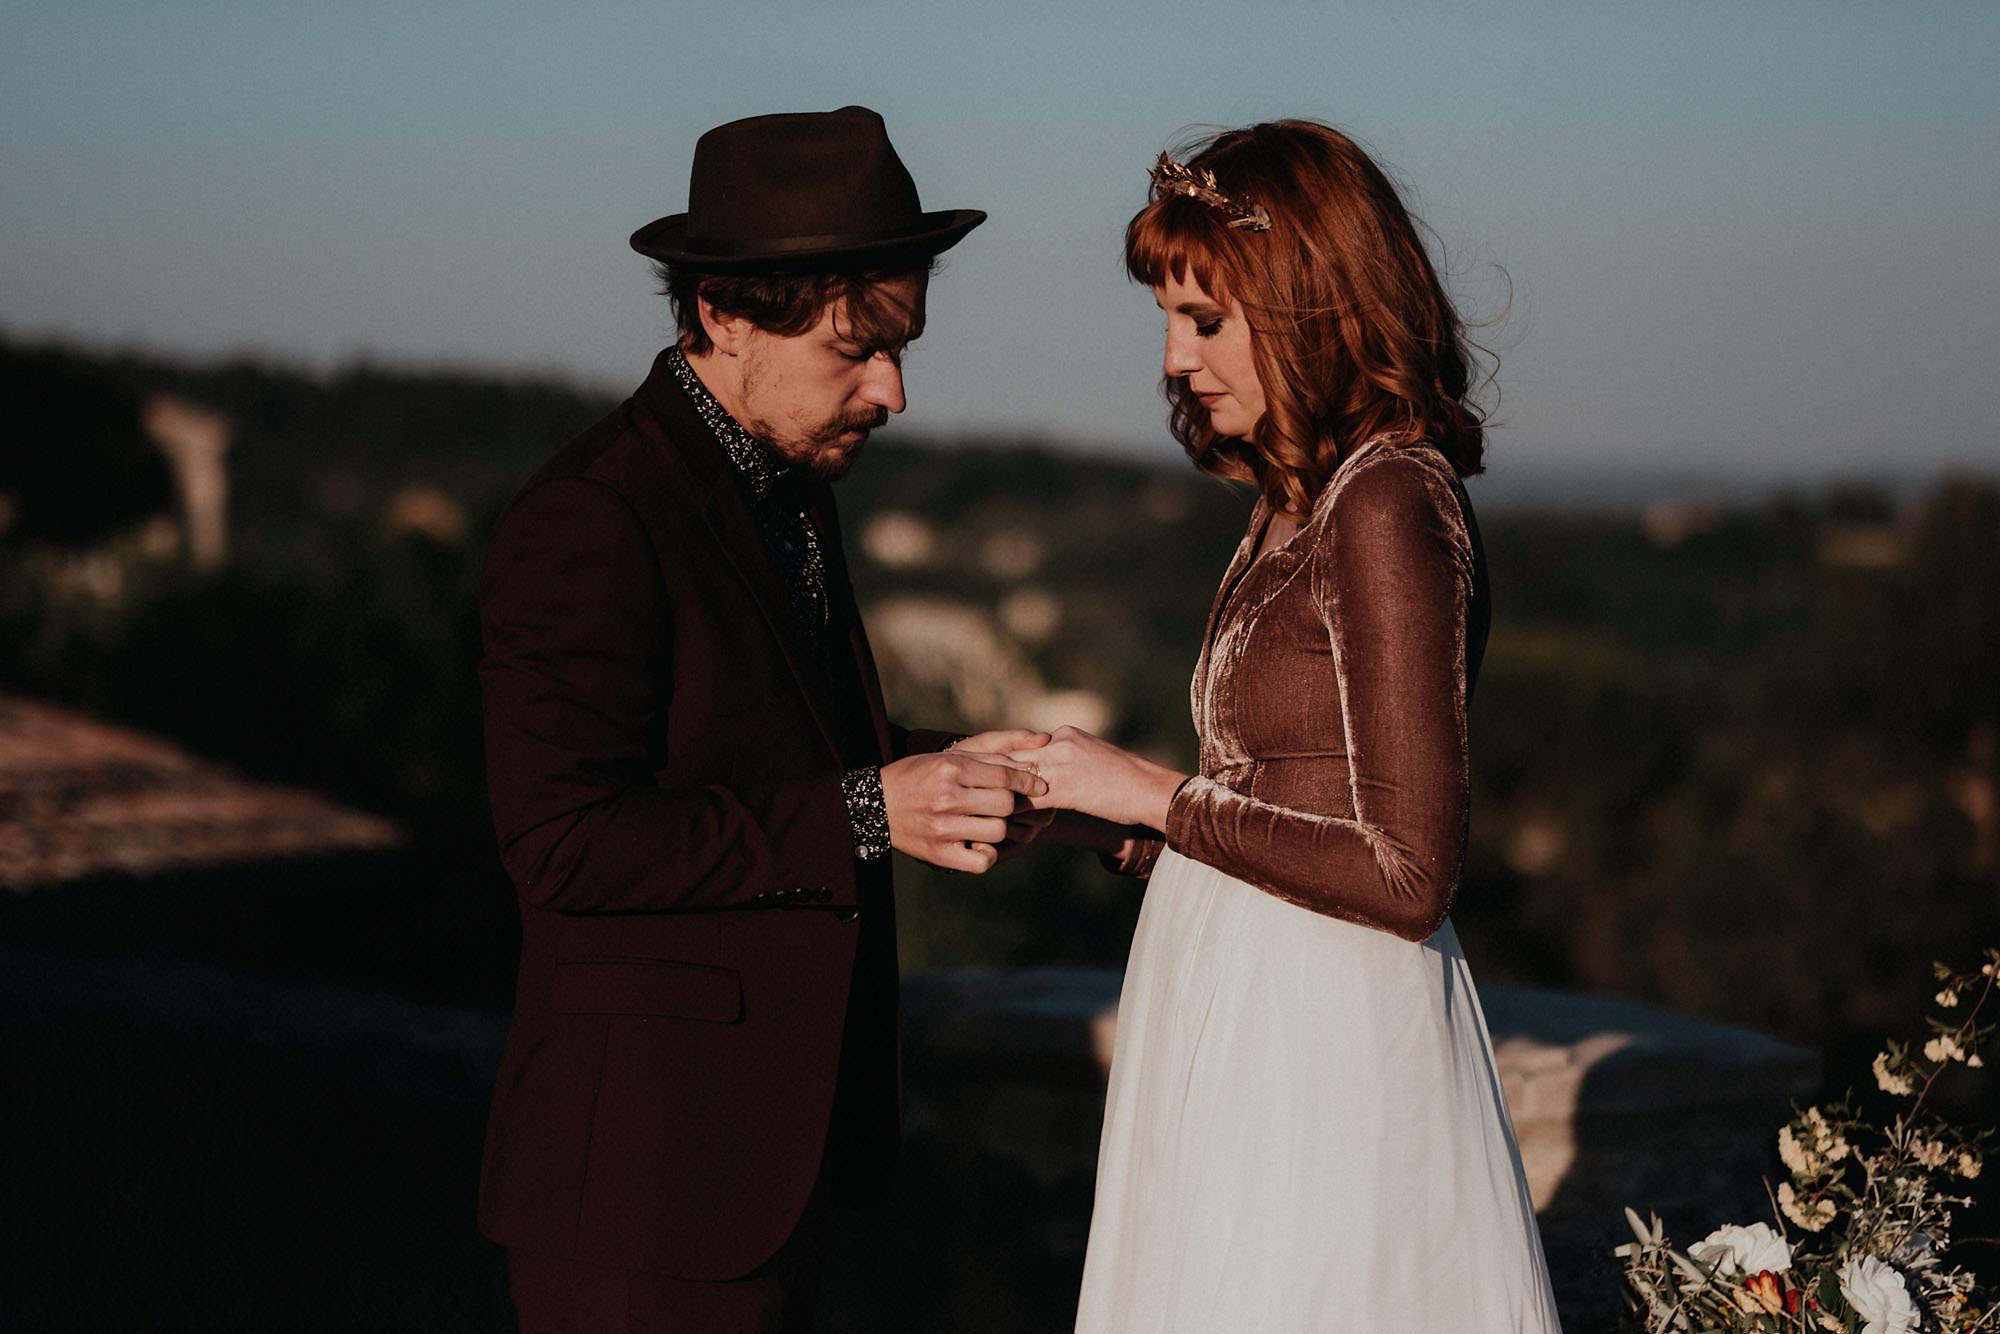 goult provence france elopement vow renewal couple photo